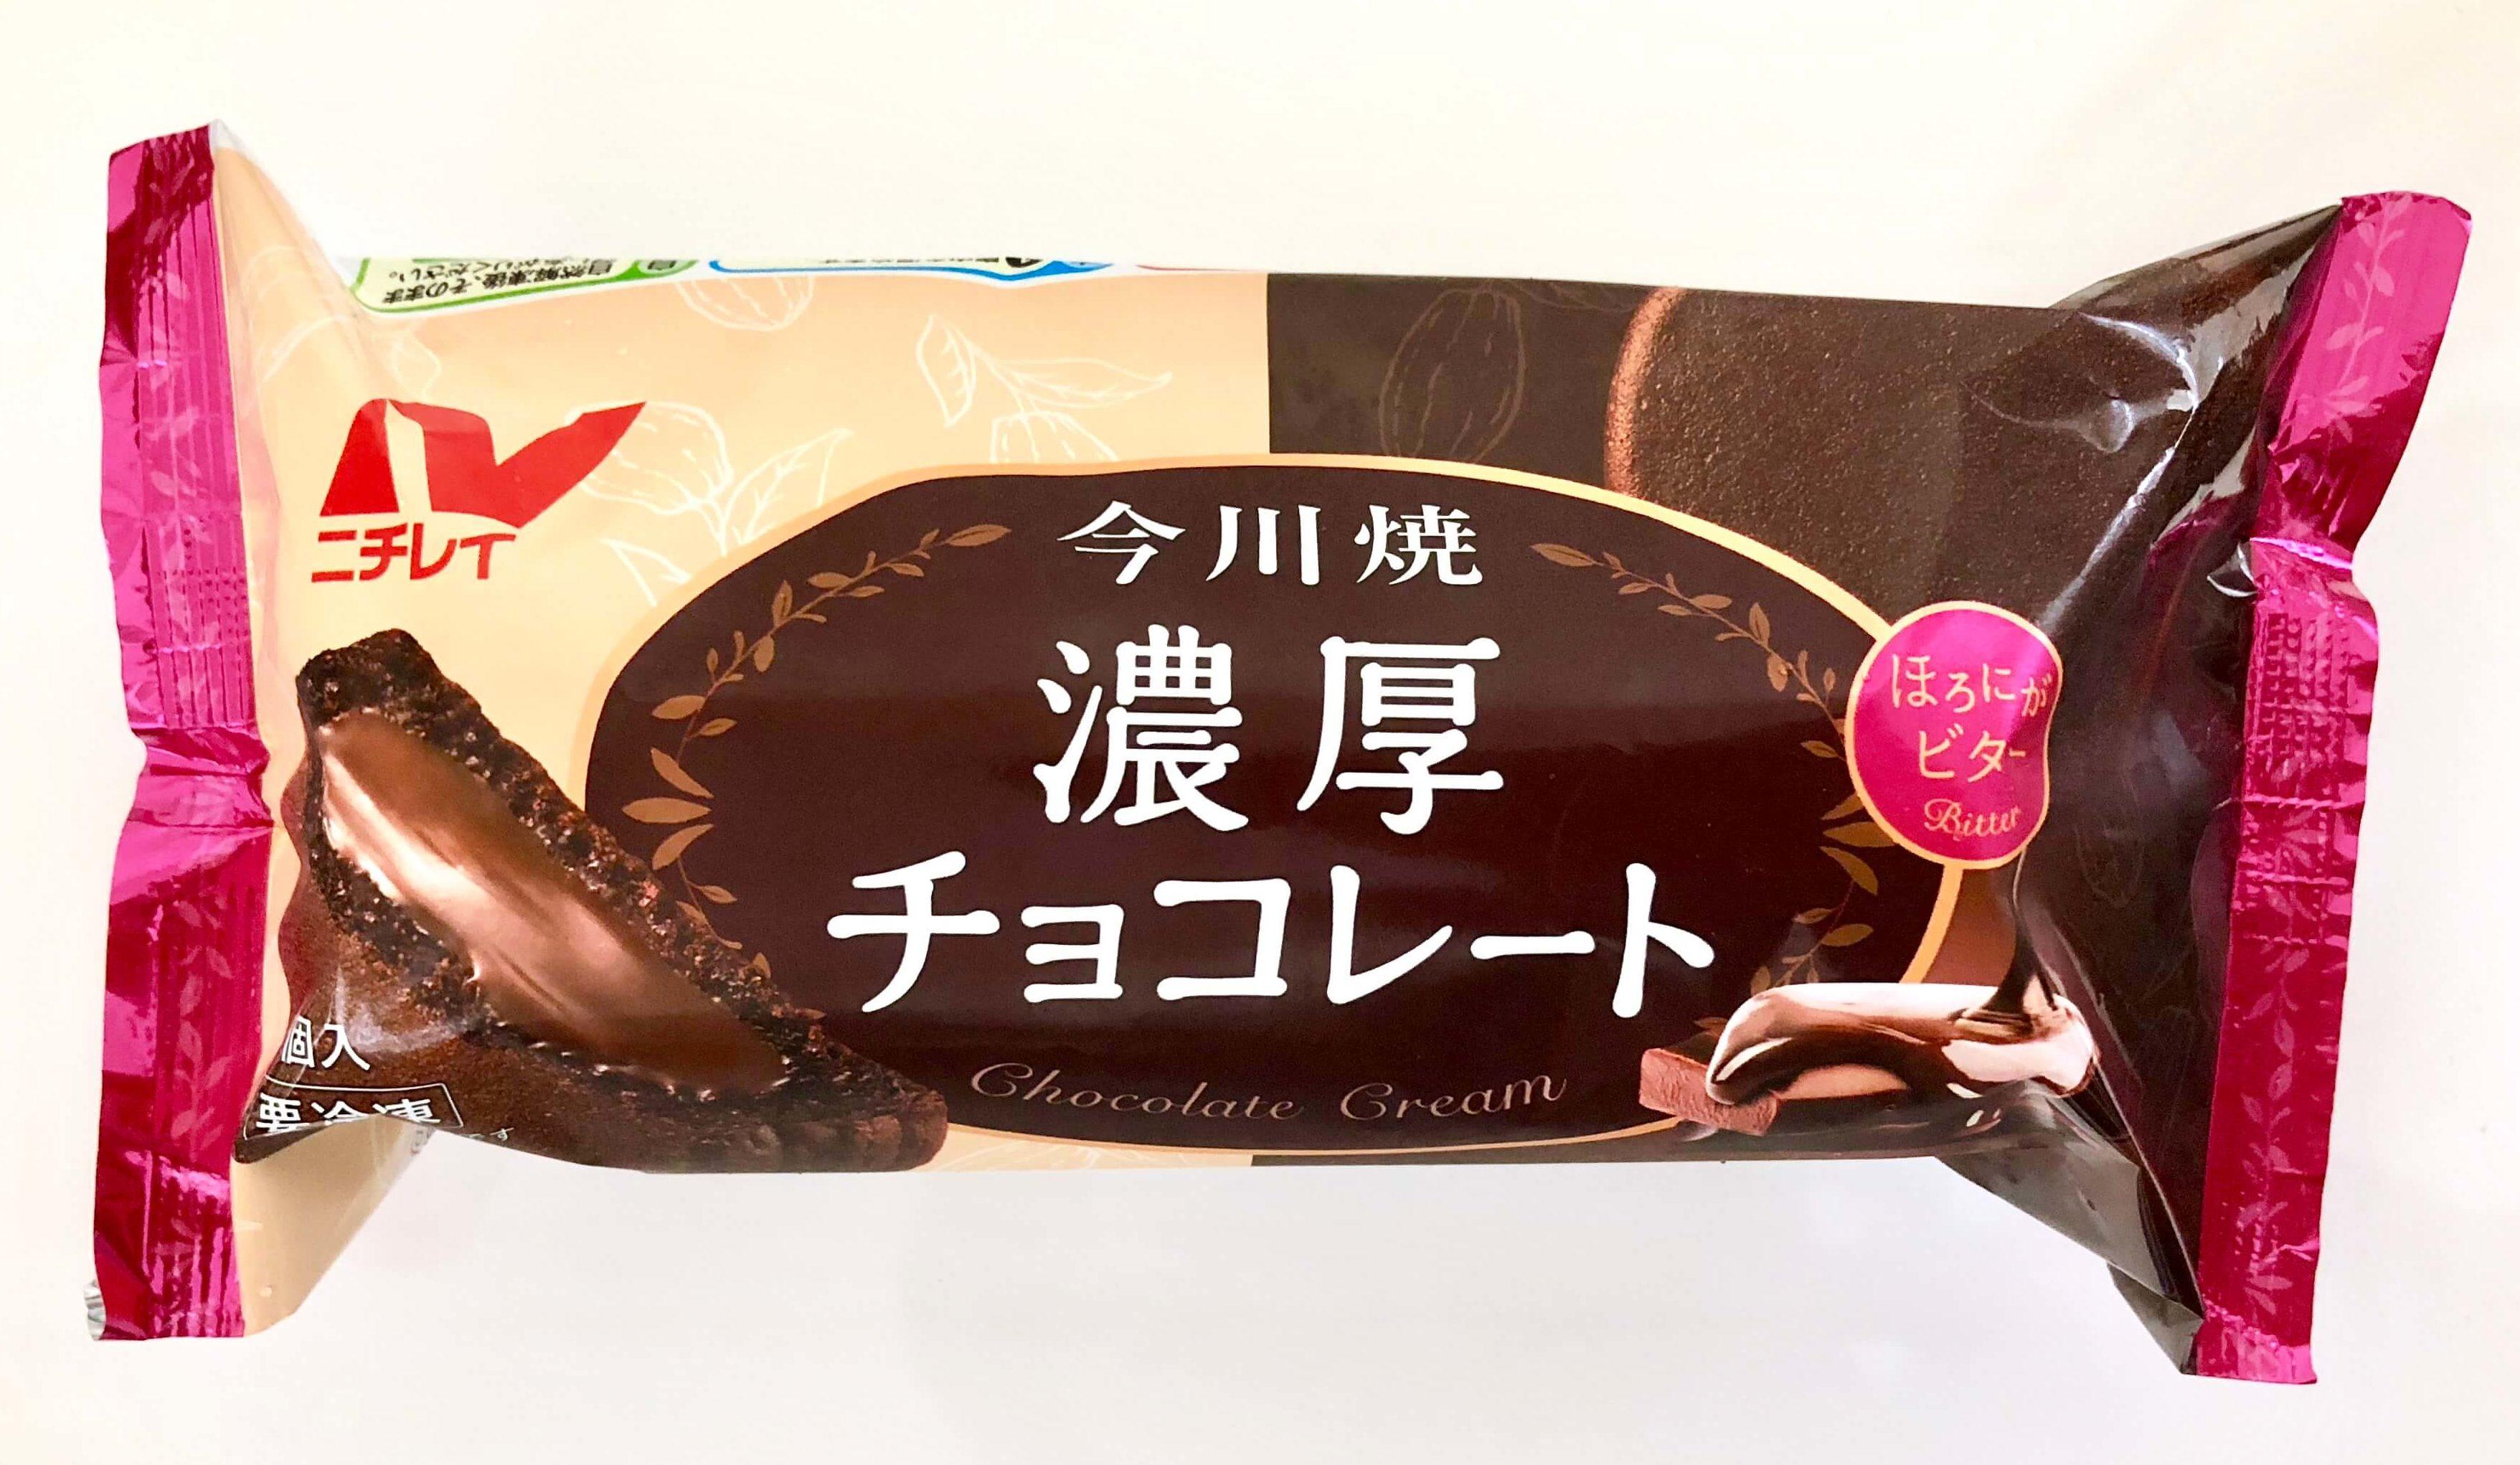 ニチレイ今川焼濃厚チョコ